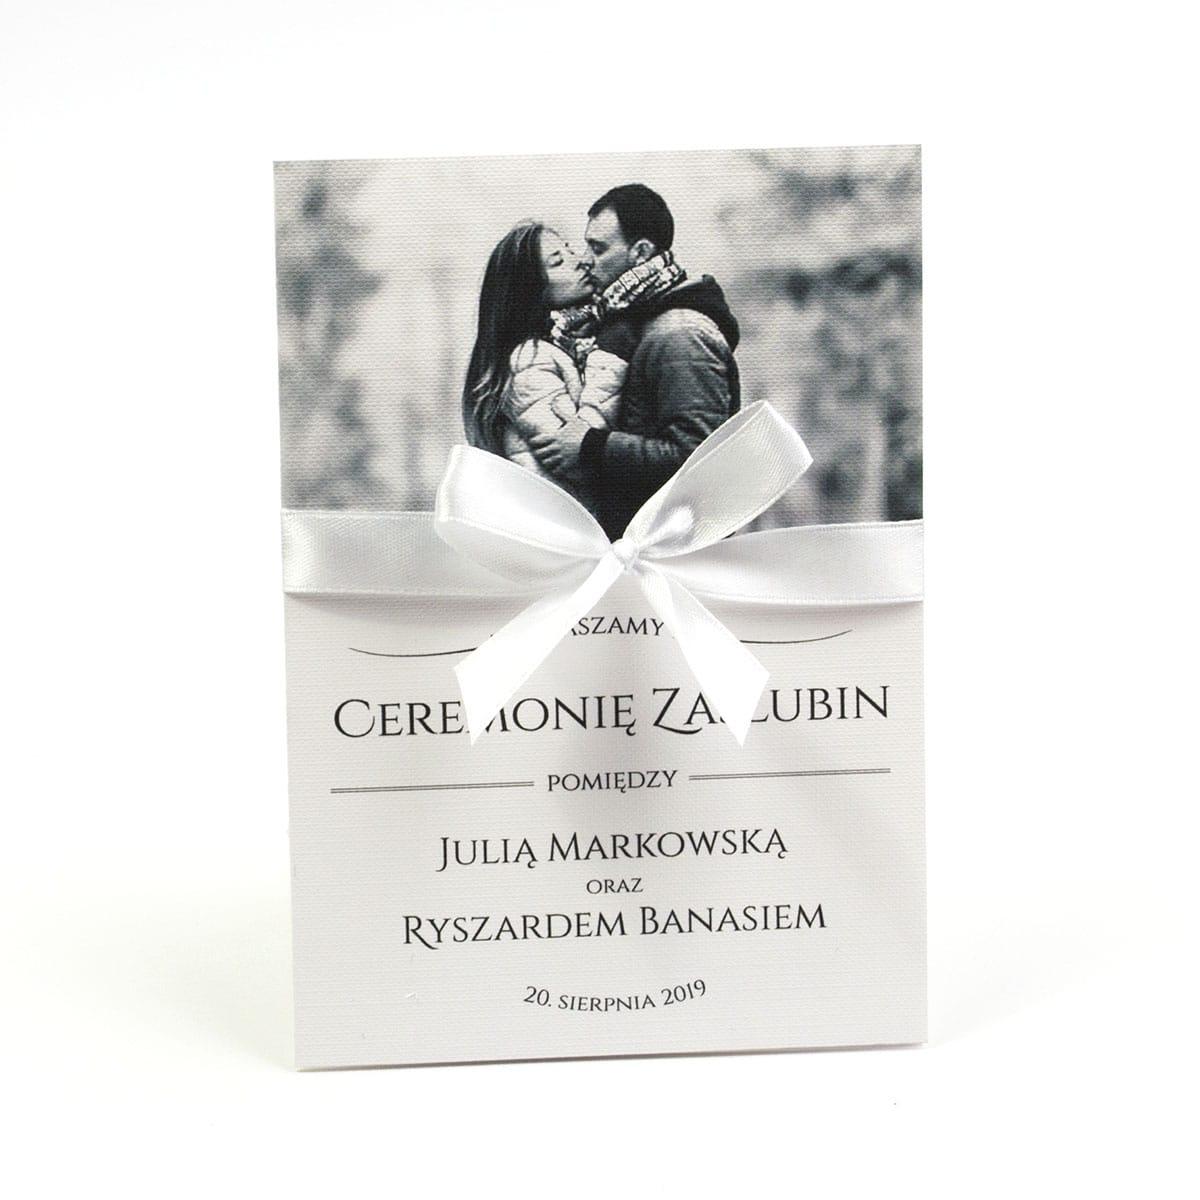 Fotozaproszenia - zaproszenia ślubne ze zdjęciem i białą kokardką (kolor kokardki dowolny). Kolekcja Foto